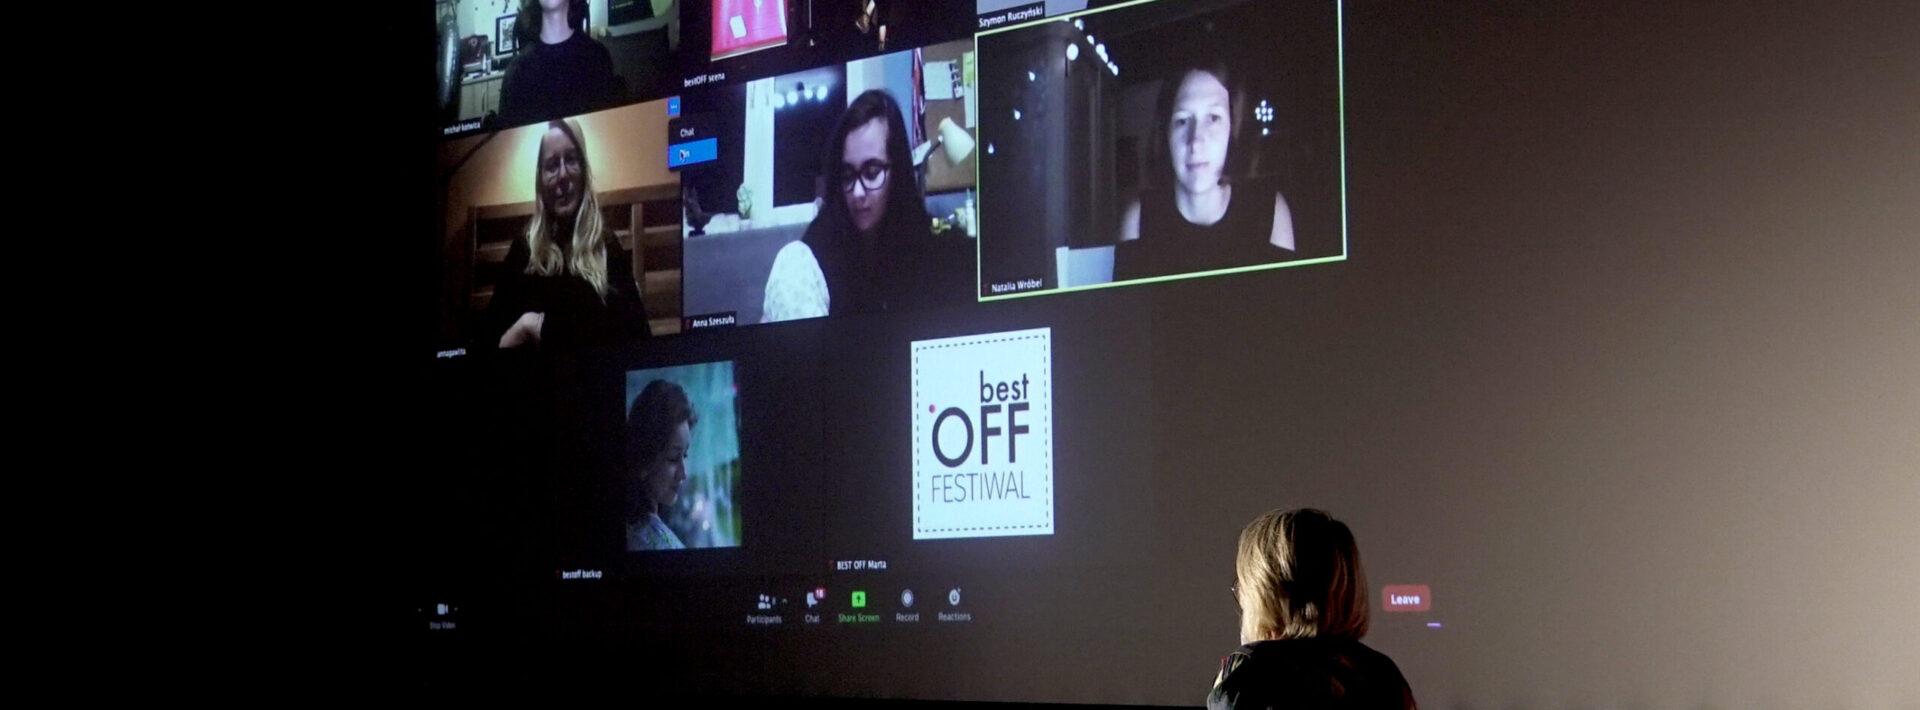 Zdjęcie z festiwalu Best off 2020. Na zdjęciu widać obraz z wideokonferencji na kinowym ekranie. Osiem okienek w których są widoczne głowy twórców filmów. w jednym z okienek napis best off festiwal. w prawym dolnym rogu zdjcia tyłem siedzi kobieta w blond włosach i kolorowej kurtce. kobieta rozmawia z uczestnikami wideokonferencji